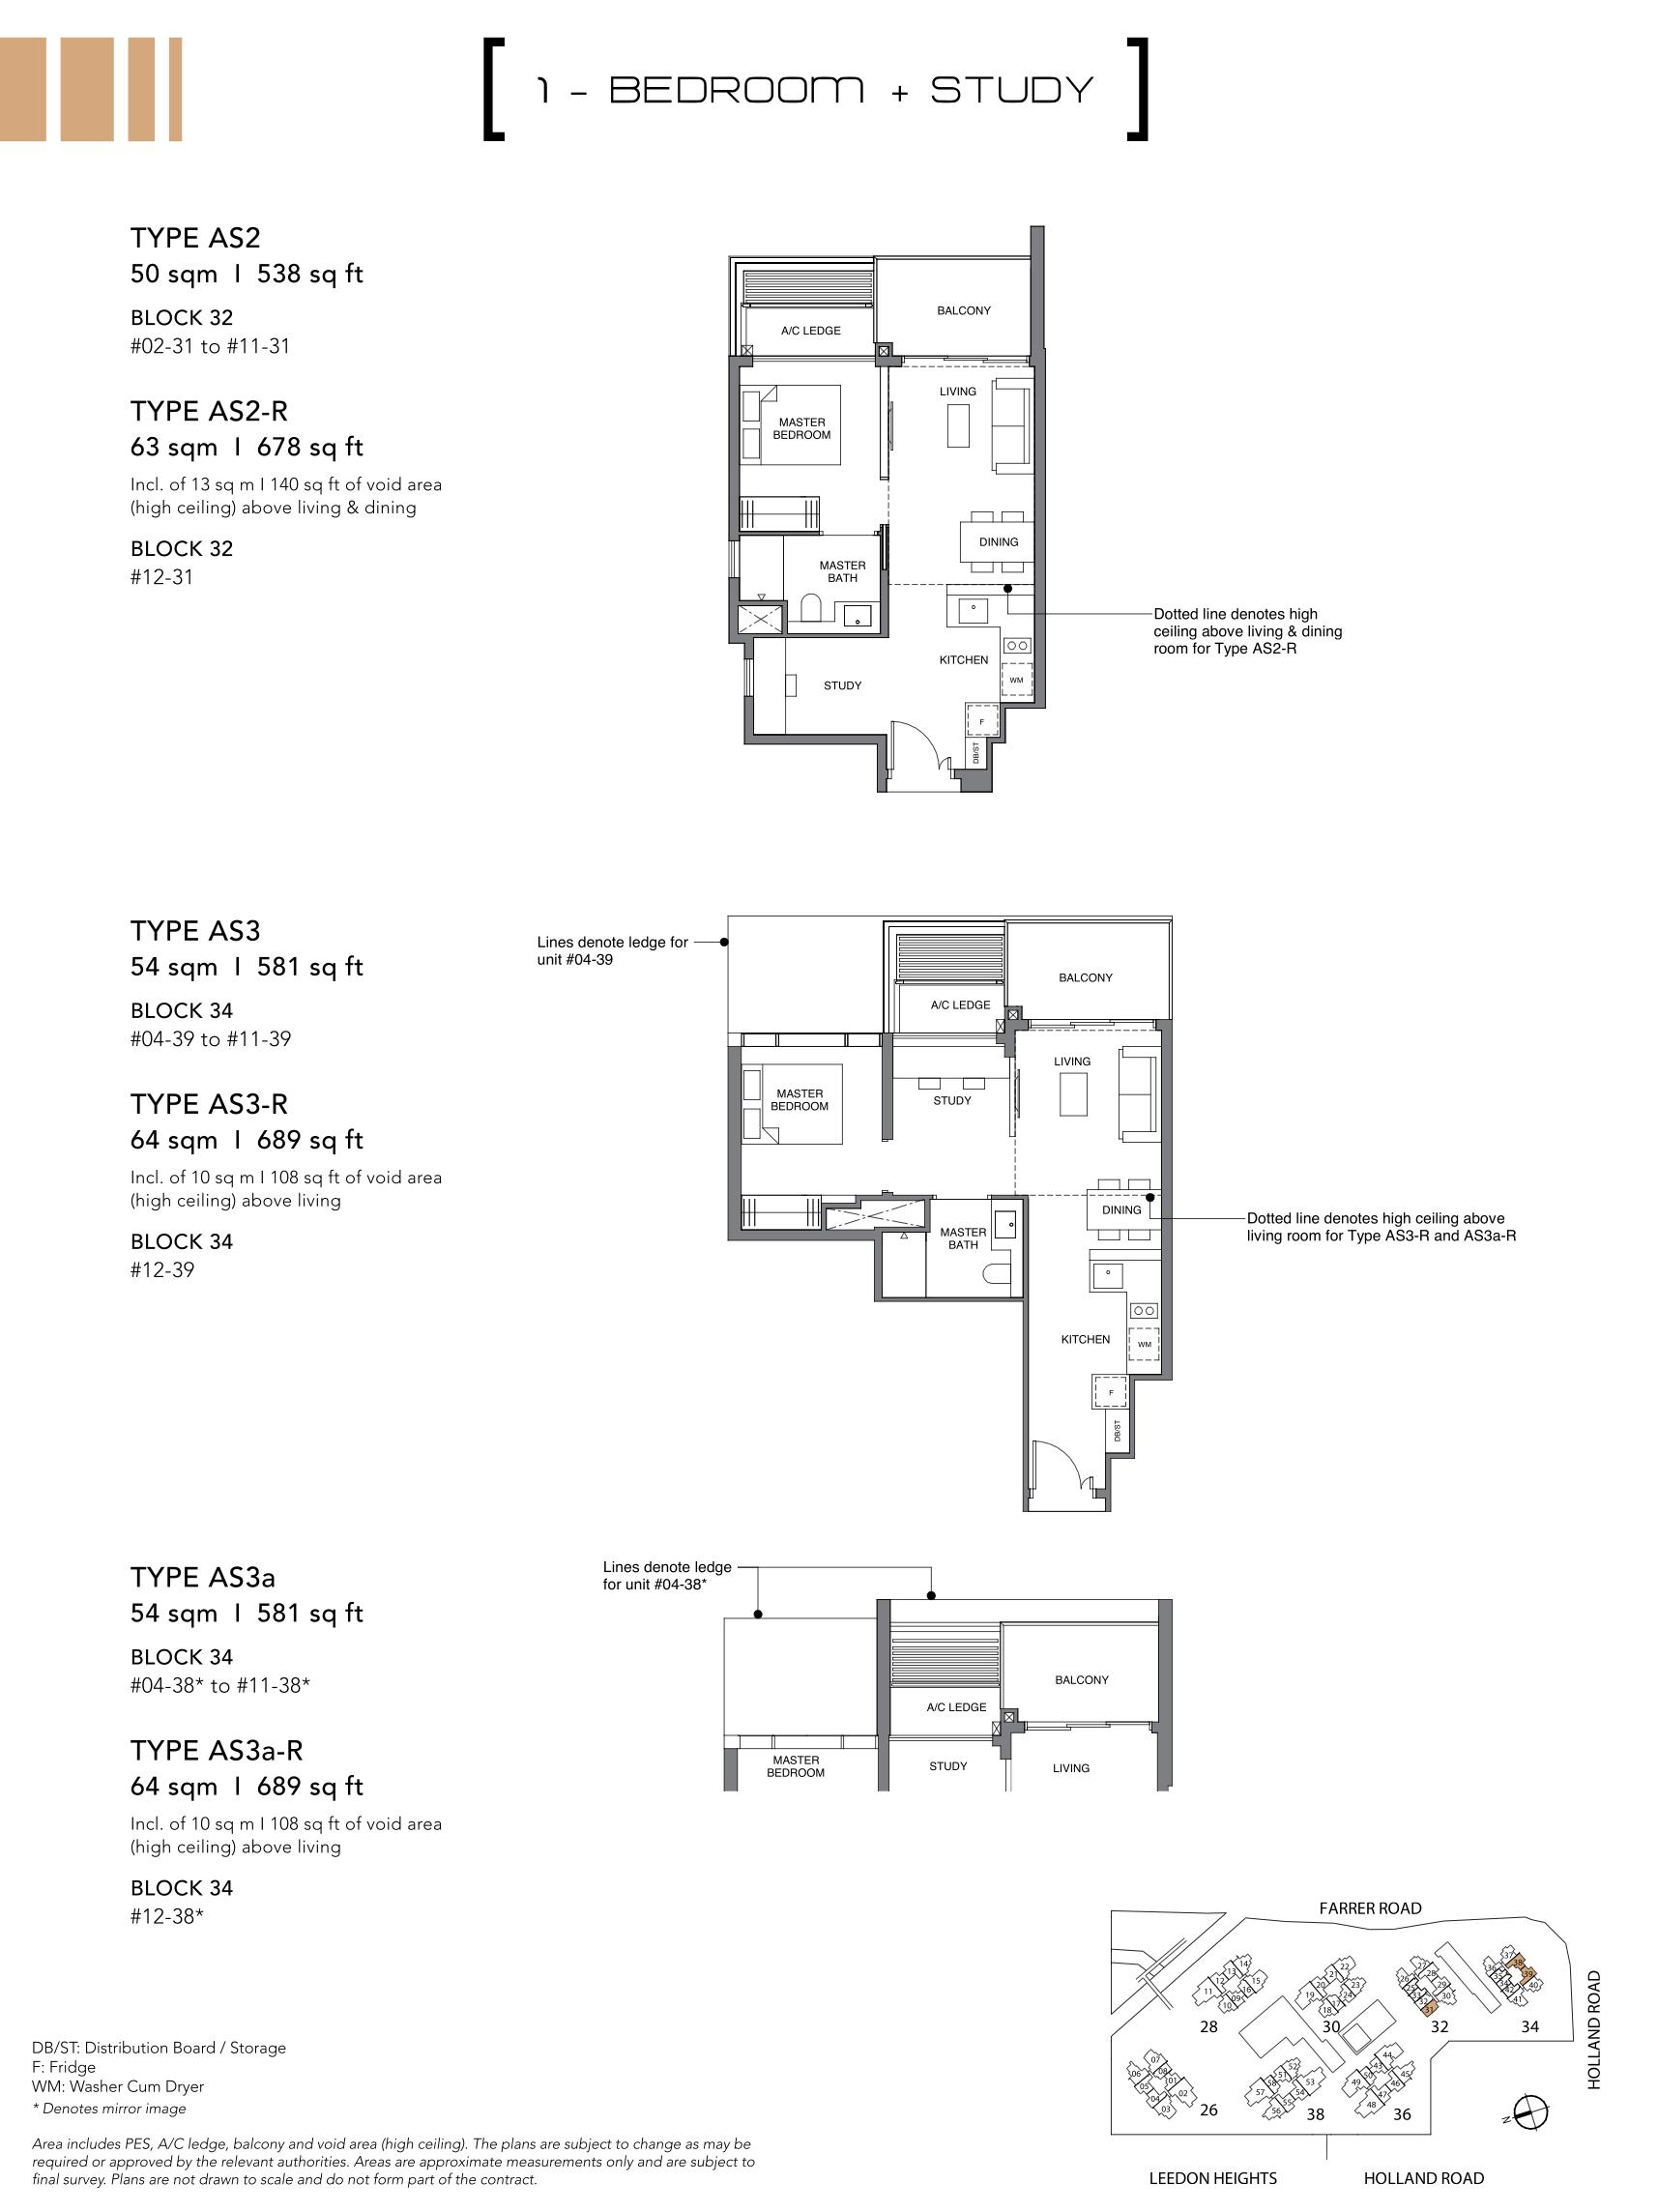 绿墩雅苑公寓户型图 Leedon Green floor plan 1 bedroom + study AS2